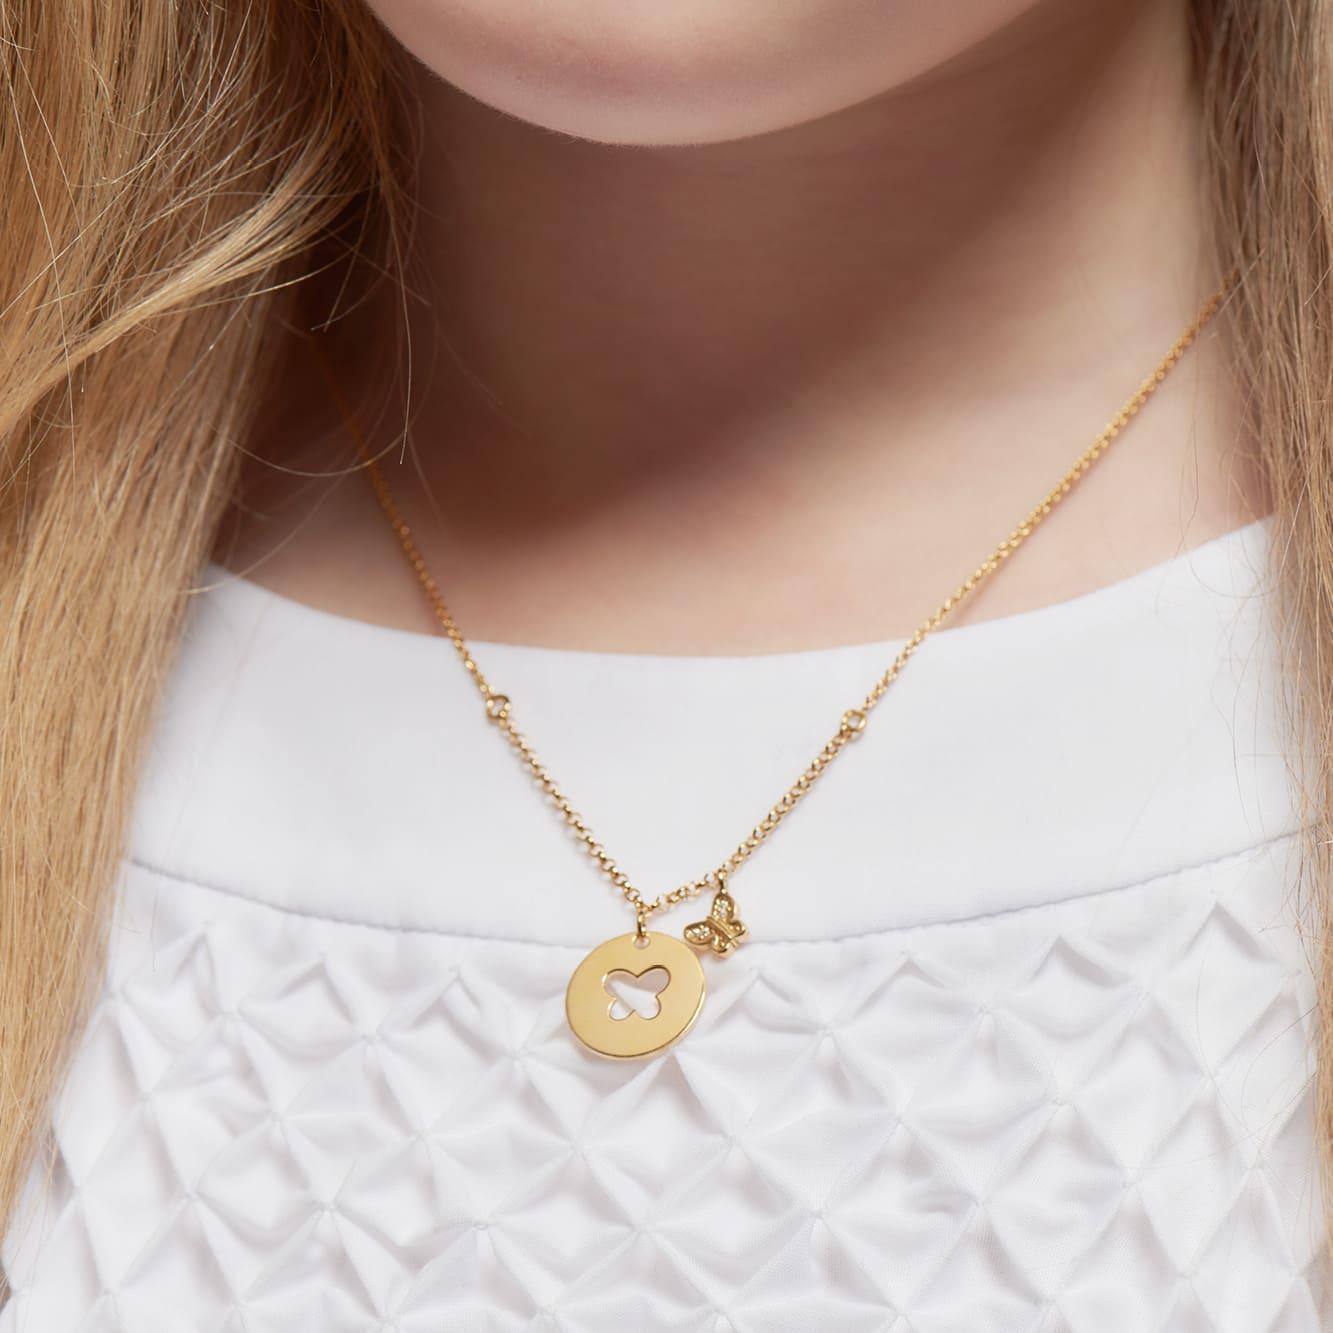 Kinder Halskette Silber 925 Vergoldet Zirkonia